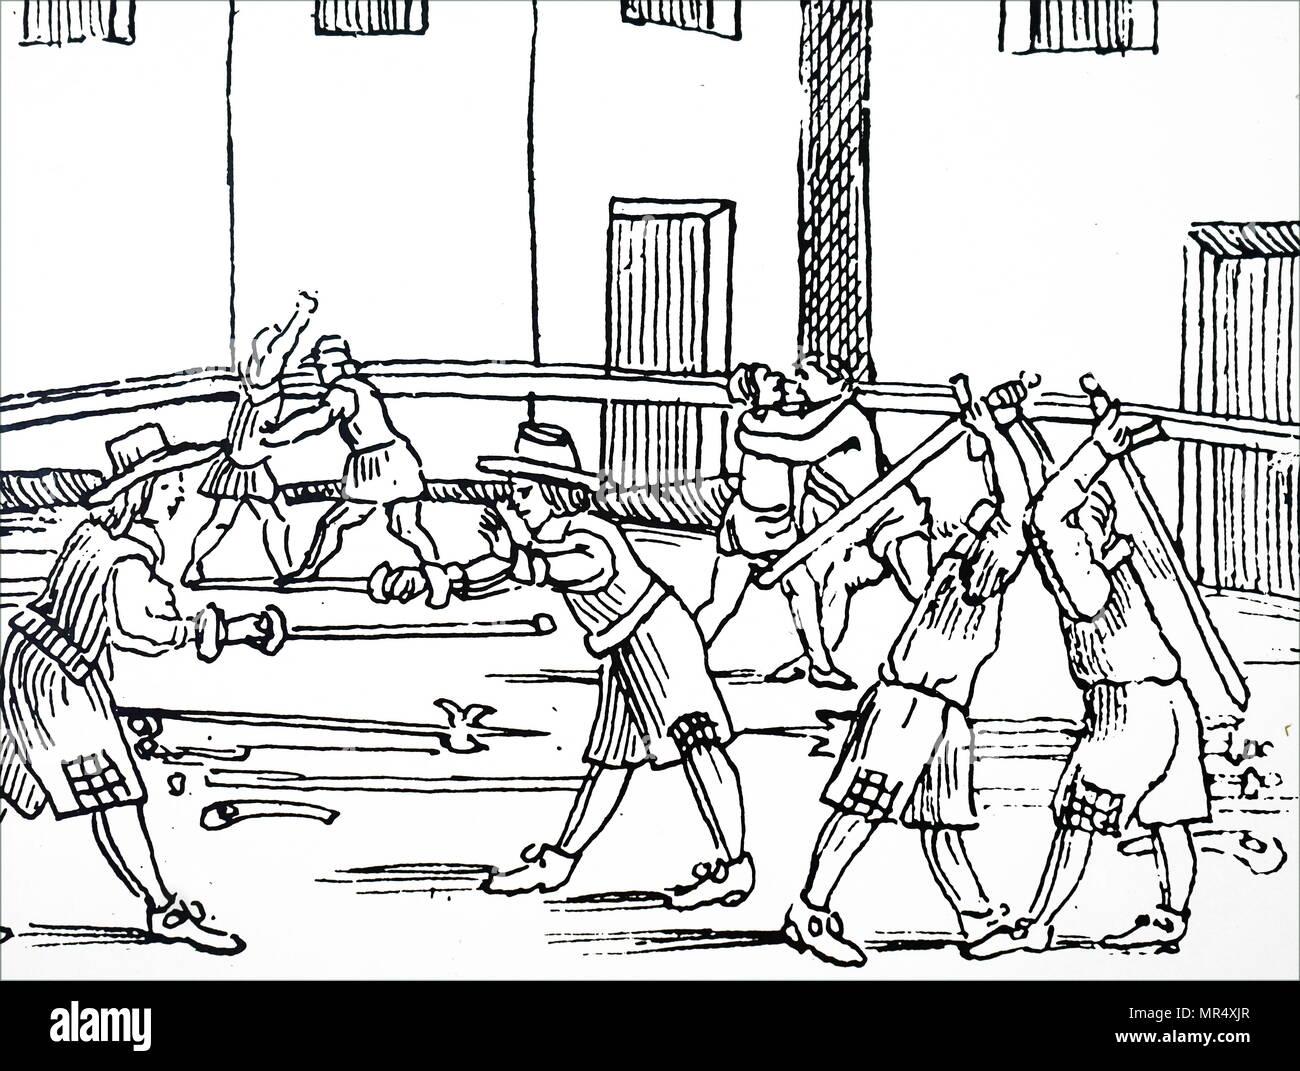 Impression gravure sur bois illustrant la pratique l'escrime. En date du 16e siècle Photo Stock